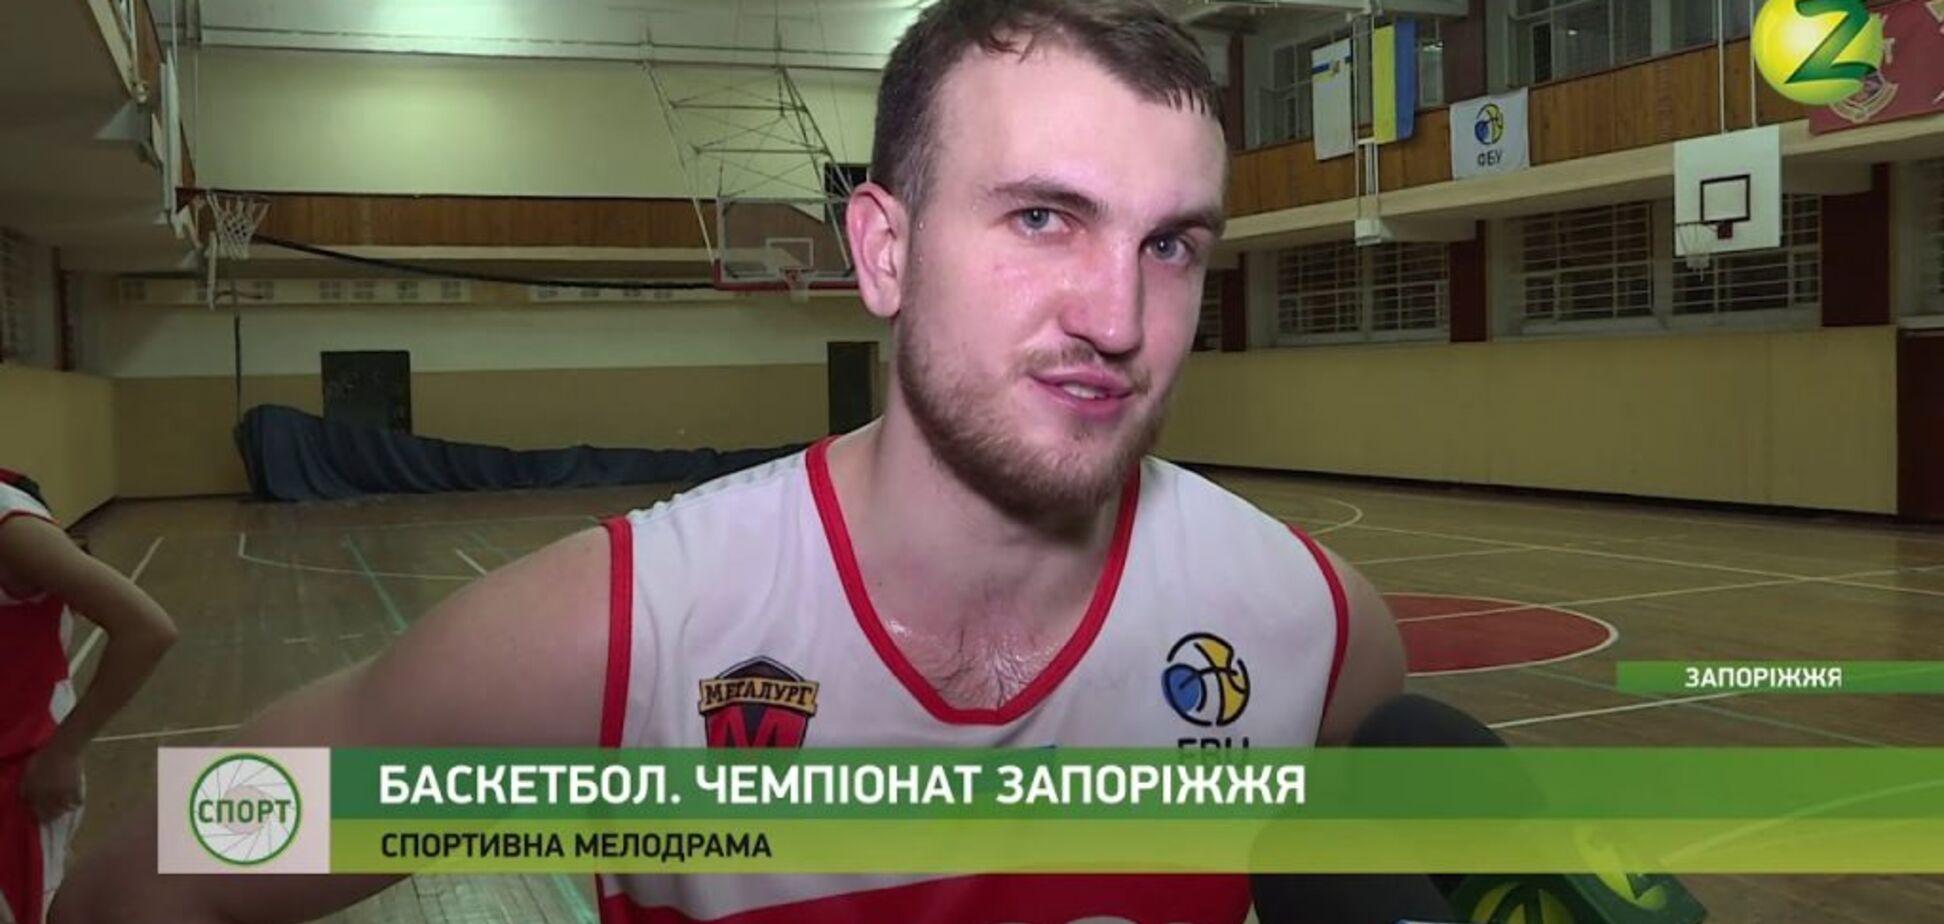 Украинский баскетболист Сергей Мясоедов впал в кому после падения с велосипеда